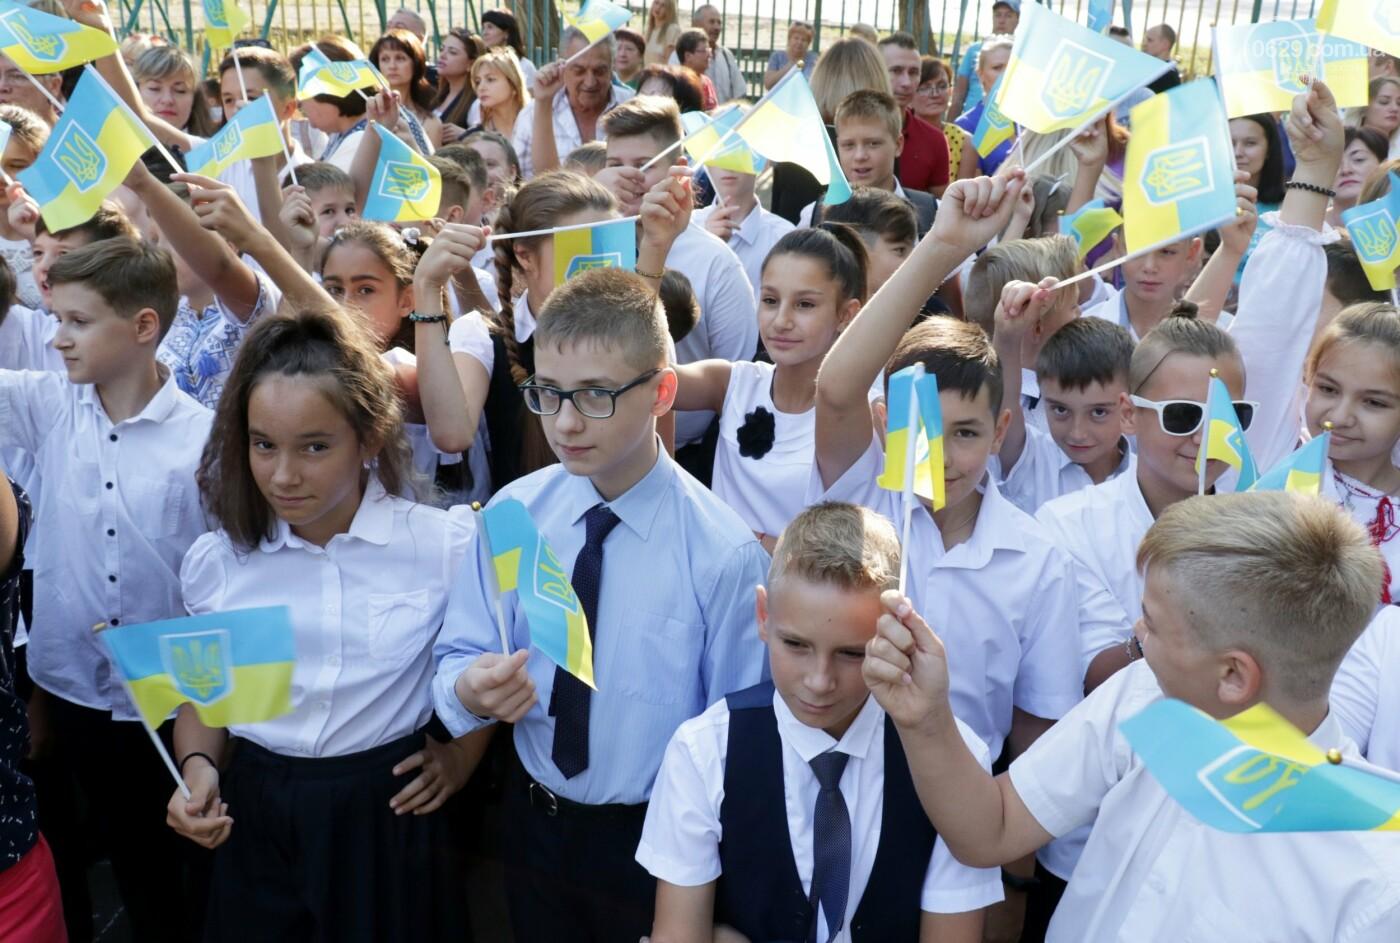 Первый звонок в Новой украинской школе: четыре тысячи первоклашек сели за парты в Мариуполе, - ФОТОРЕПОРТАЖ, фото-13